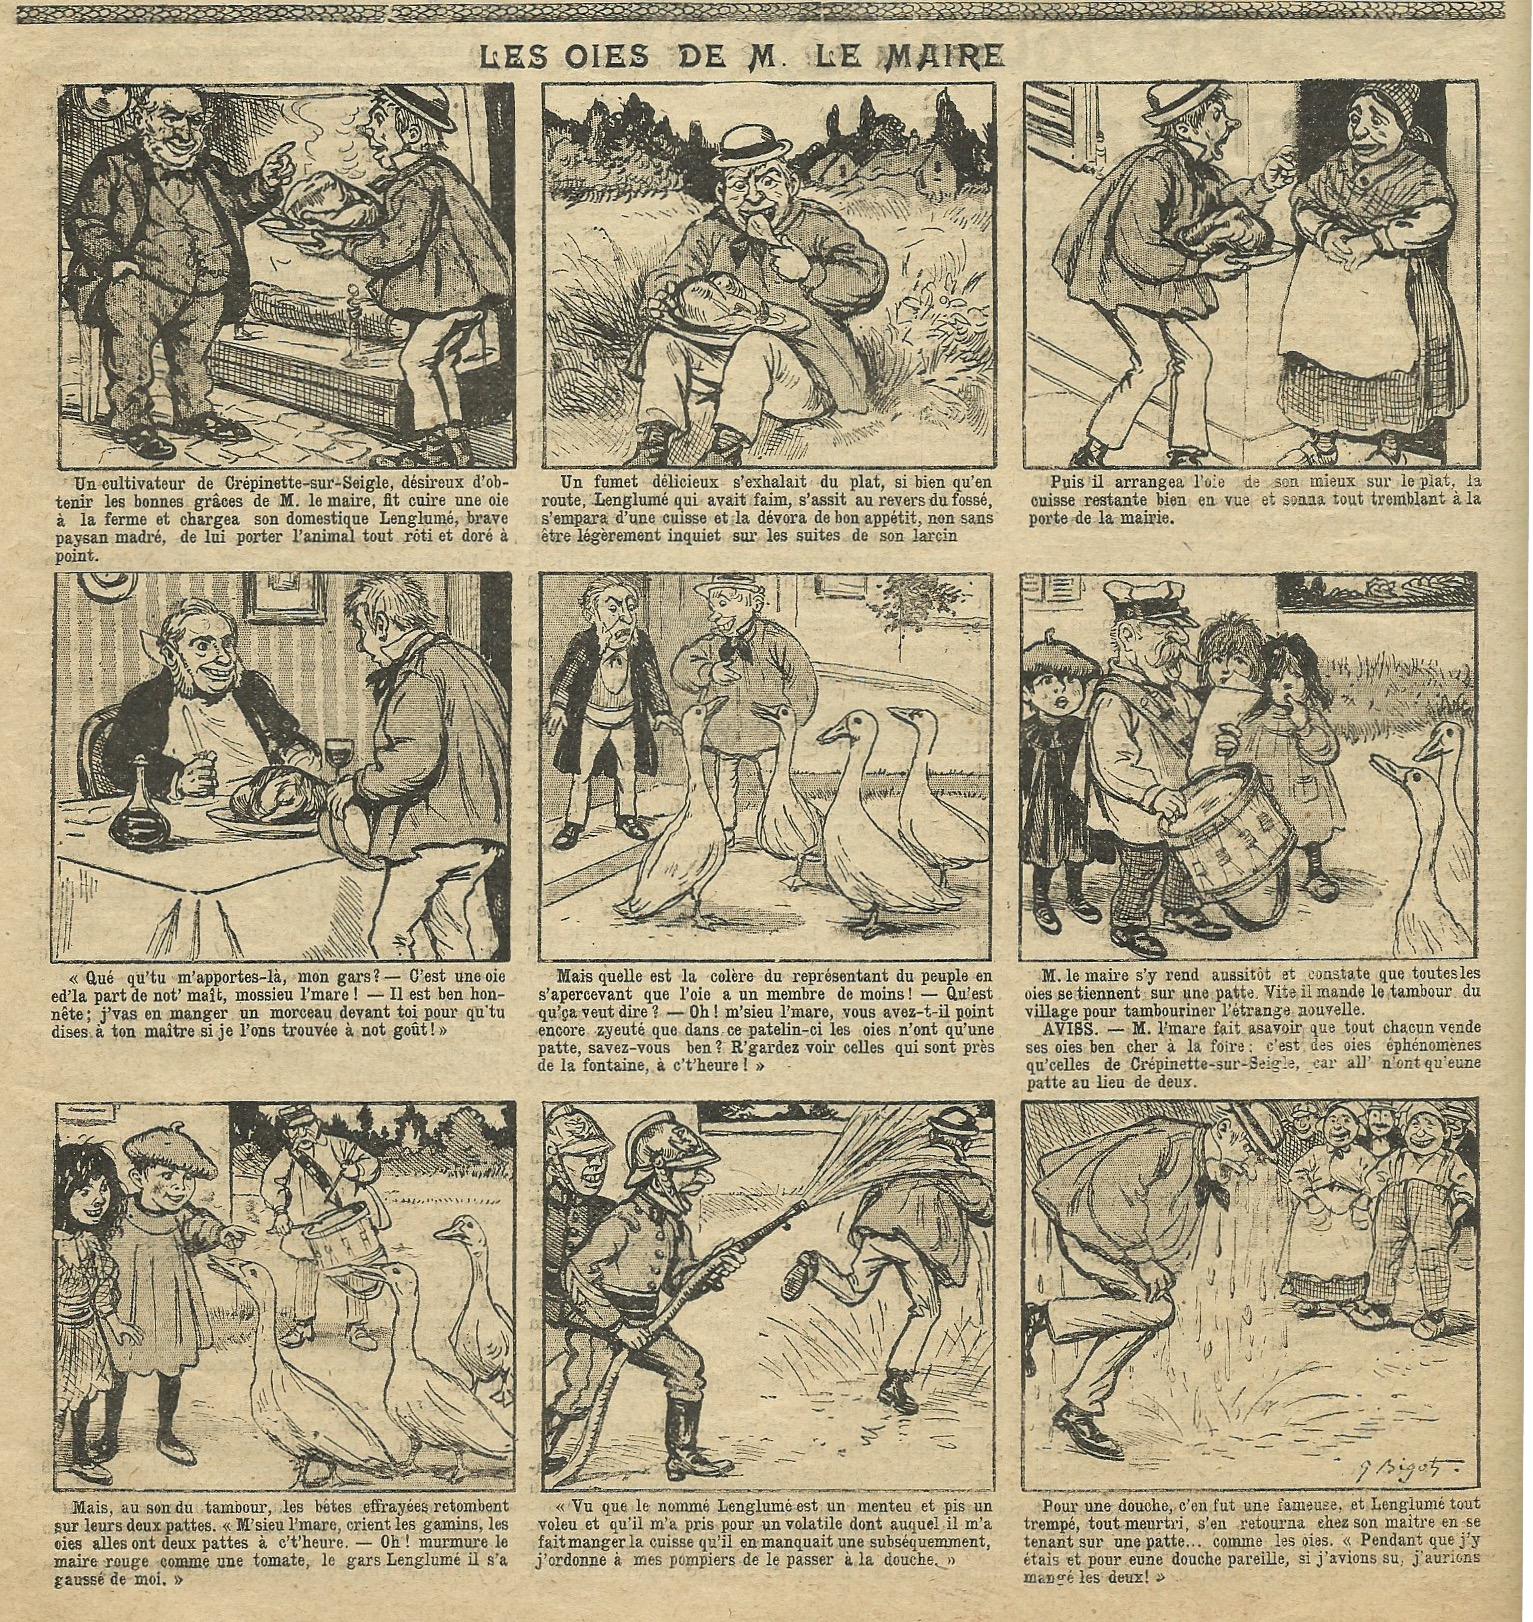 L'une des histoires en images illustrées par Georges Bigot.